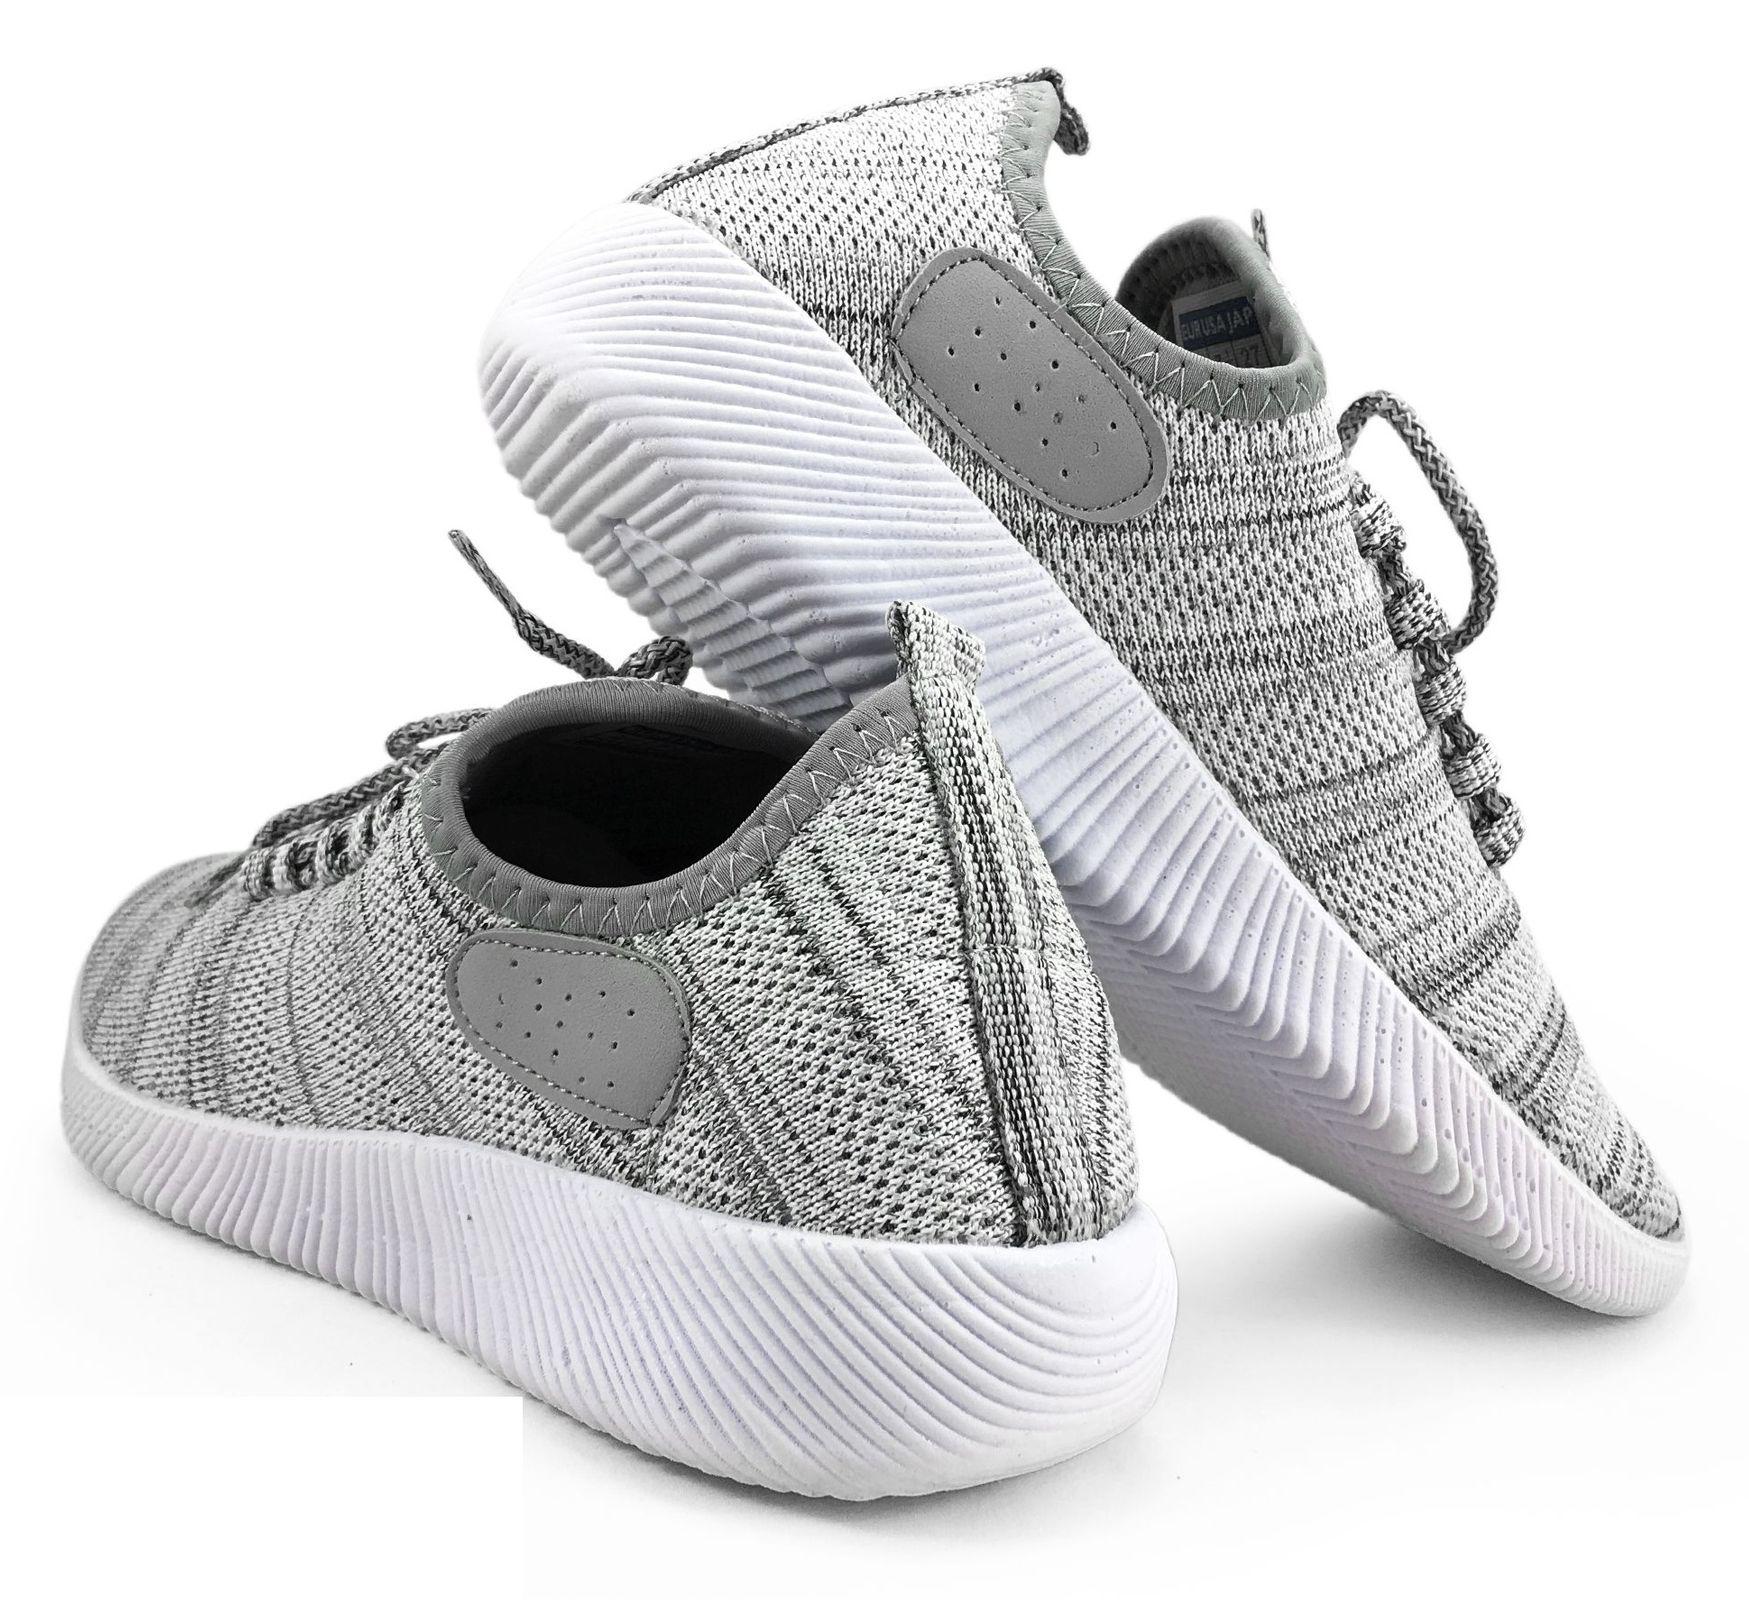 کفش مخصوص دویدن مردانه مدل اسکای کد 4105 main 1 6